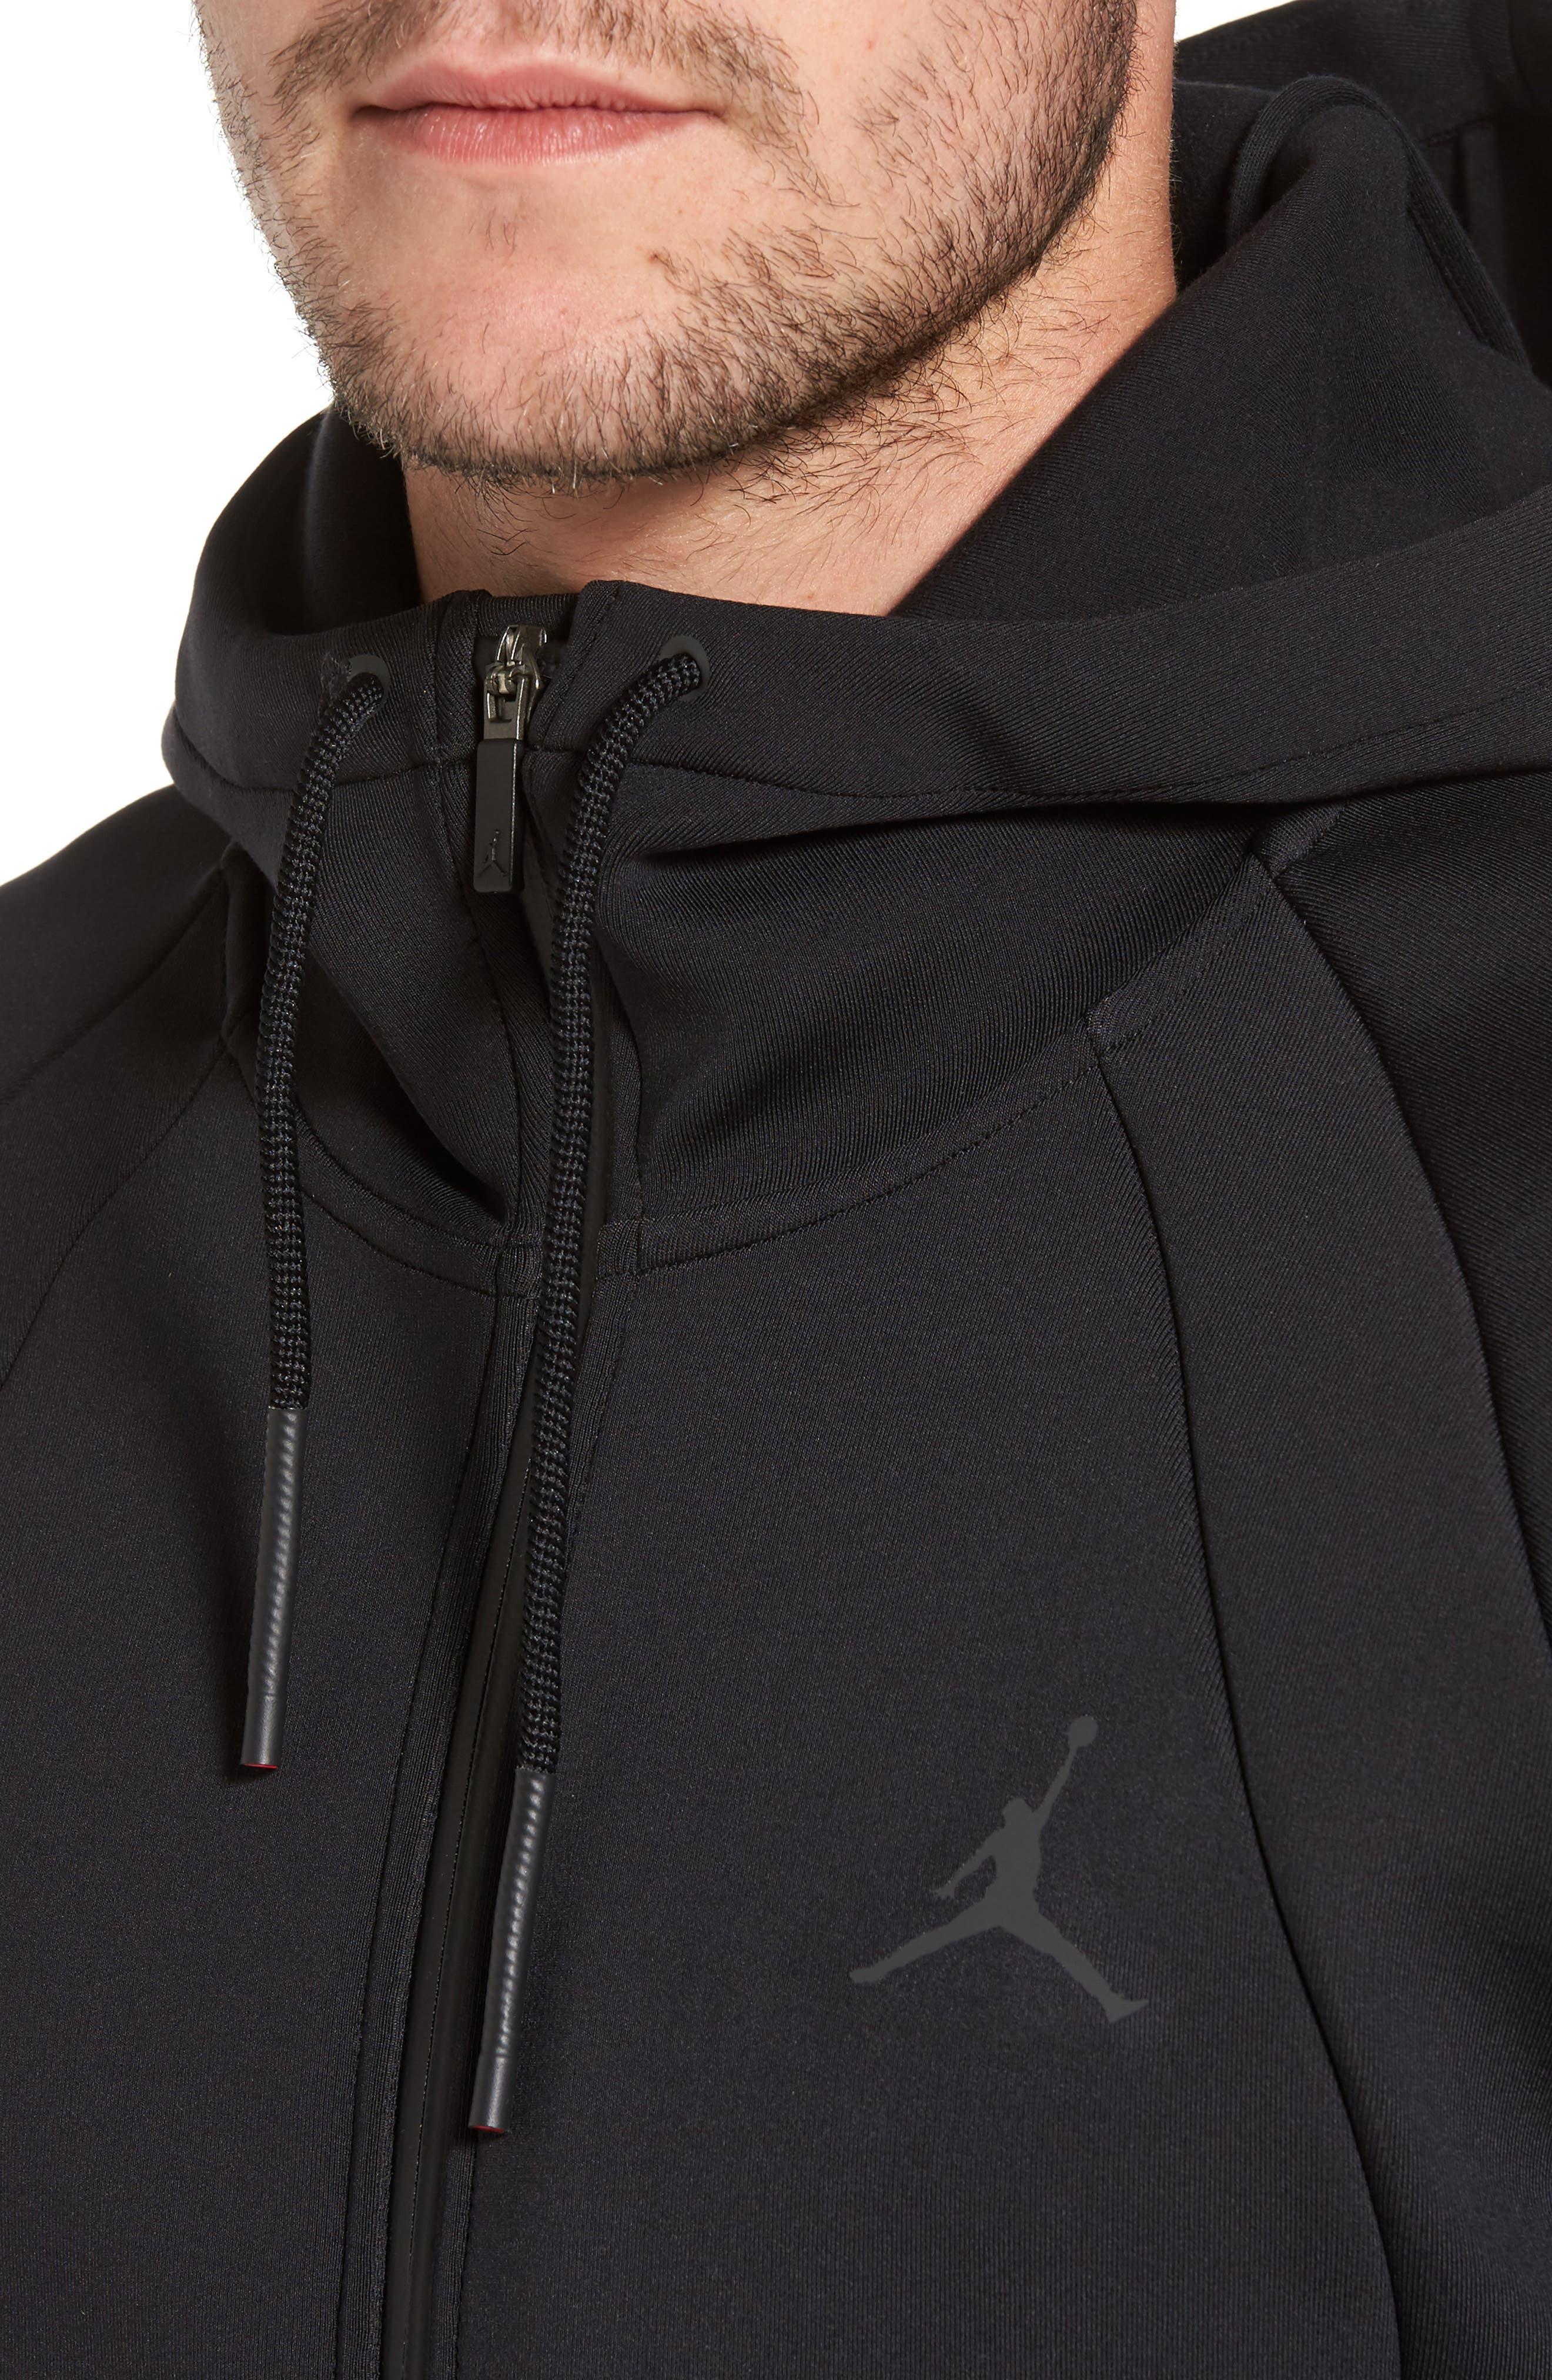 Sportswear Flight Tech Shield Jacket,                             Alternate thumbnail 4, color,                             010